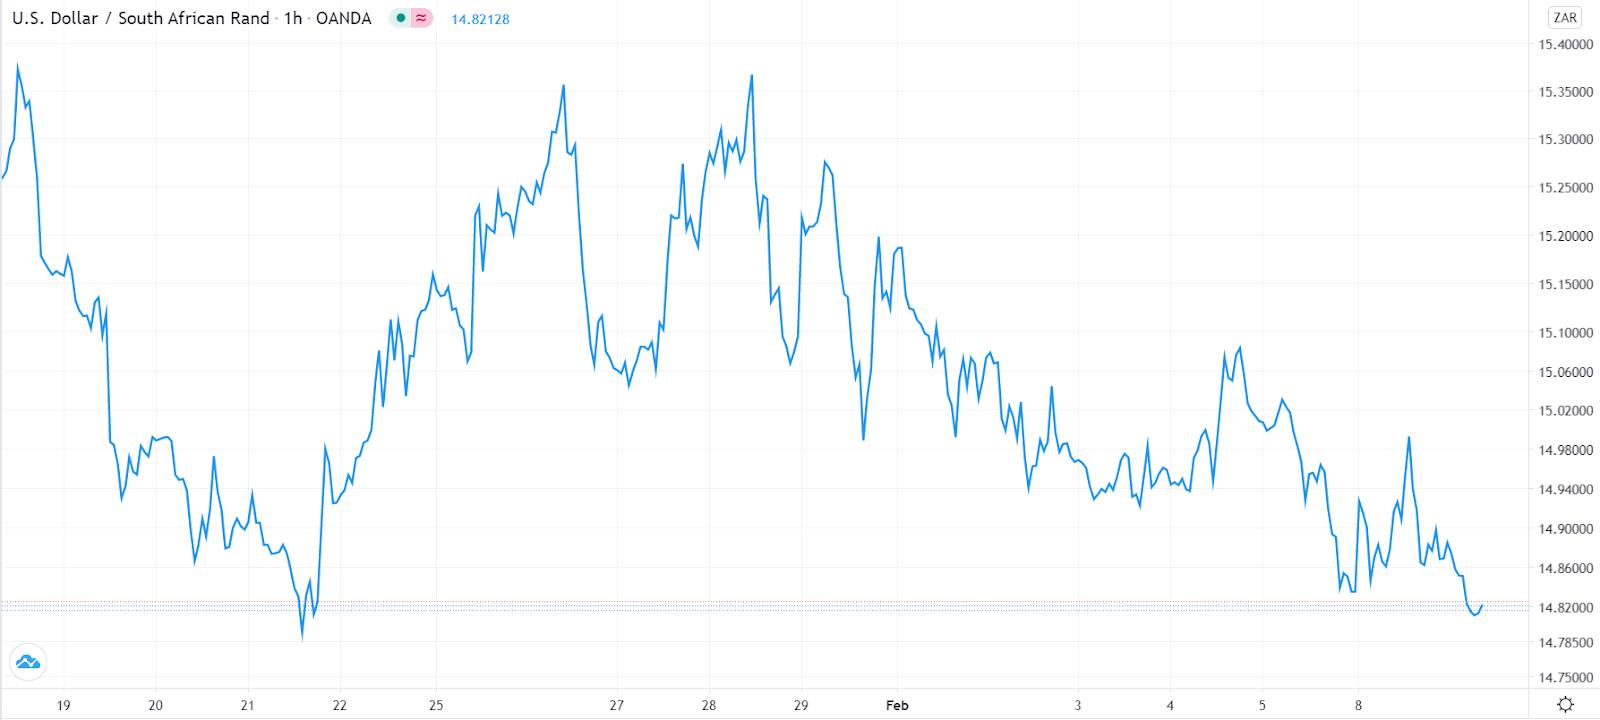 USD/ZAR